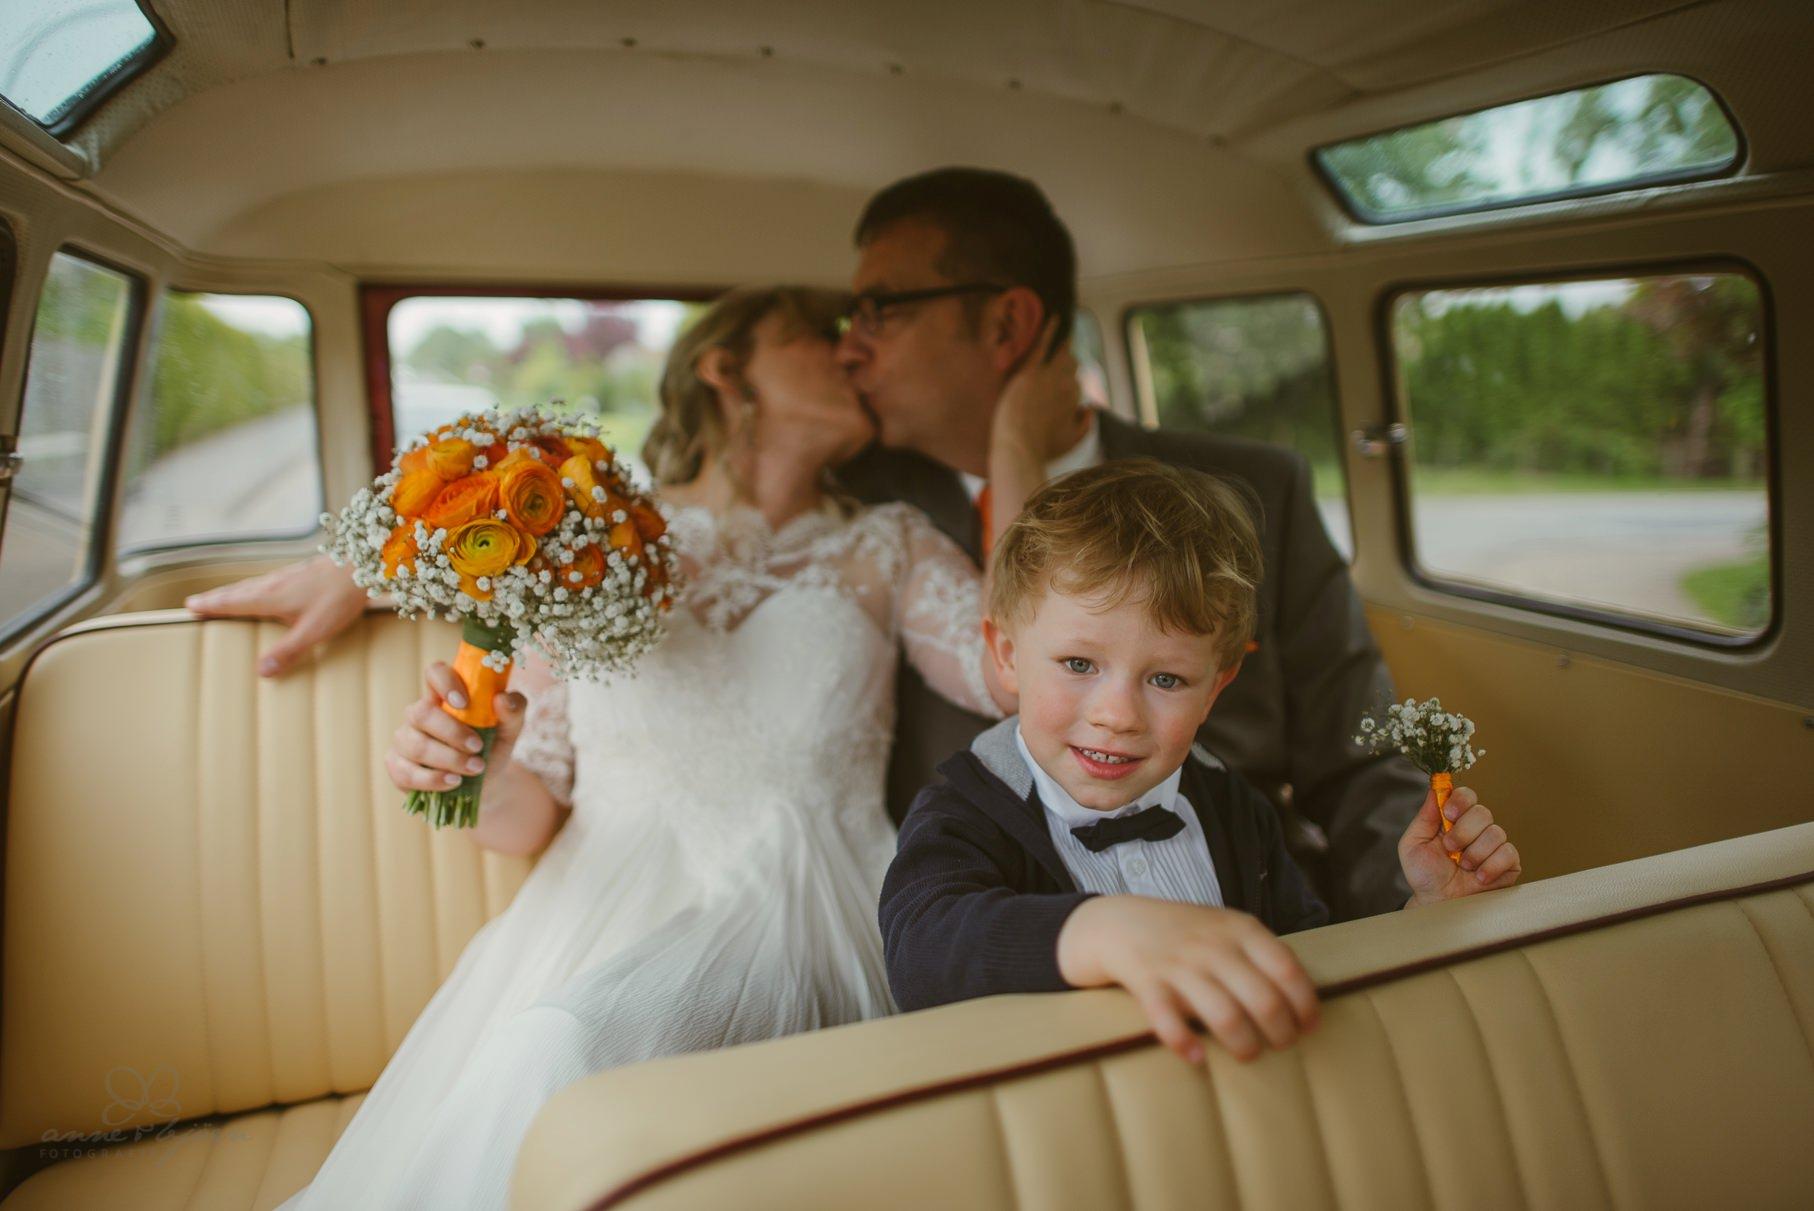 0038 anne und bjoern Manu und Sven D75 9356 1 - DIY Hochzeit im Erdhaus auf dem alten Land - Manuela & Sven